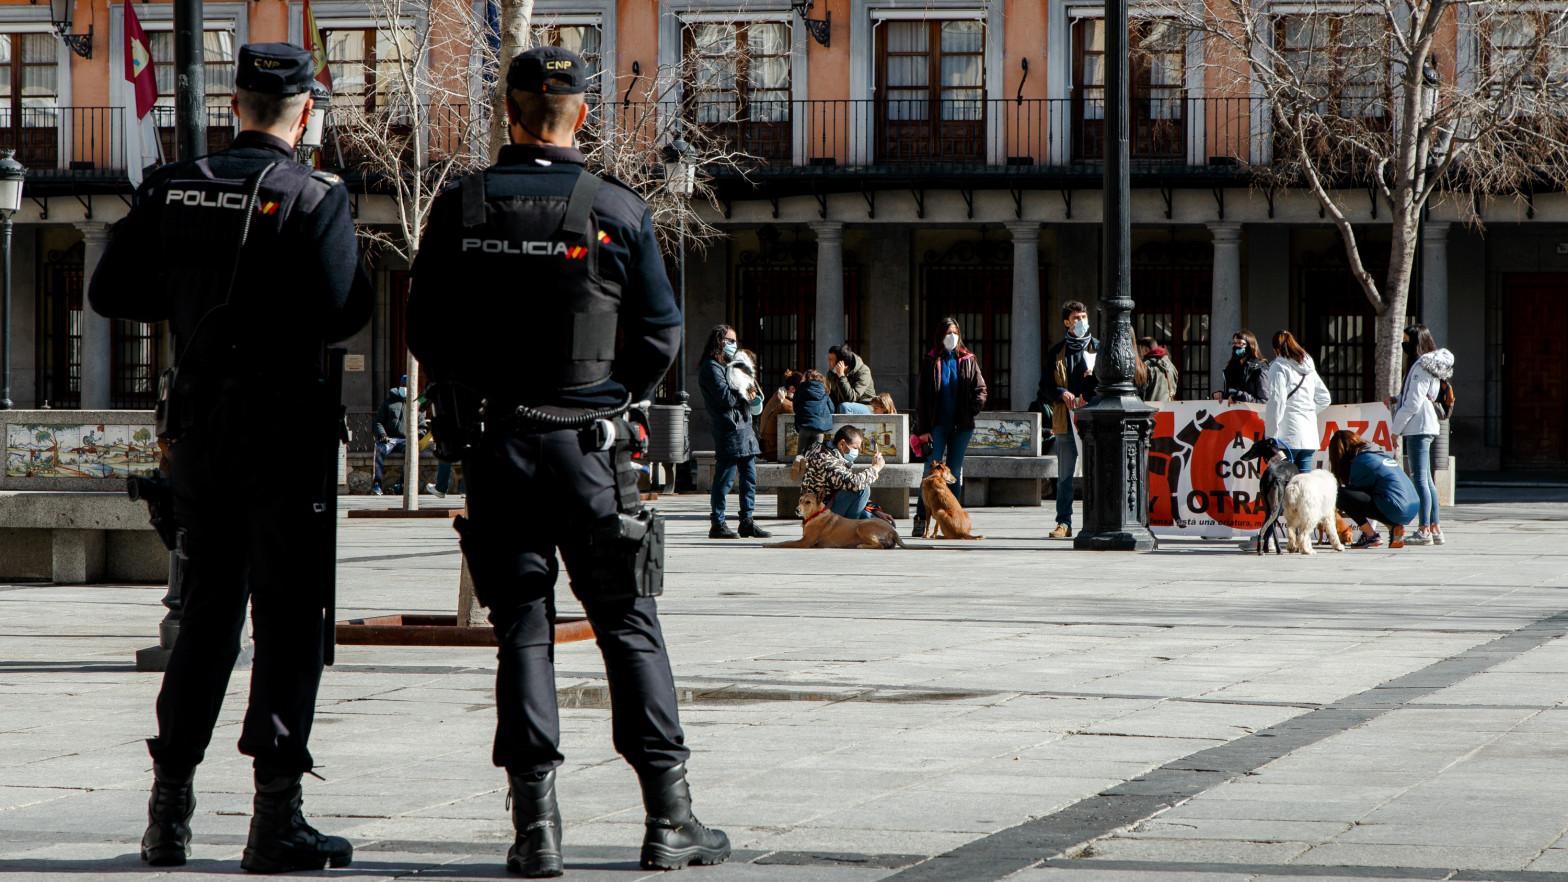 El jefe de Policía de Castilla-La Mancha se enfrenta a dos años de cárcel por acoso laboral en los GEO